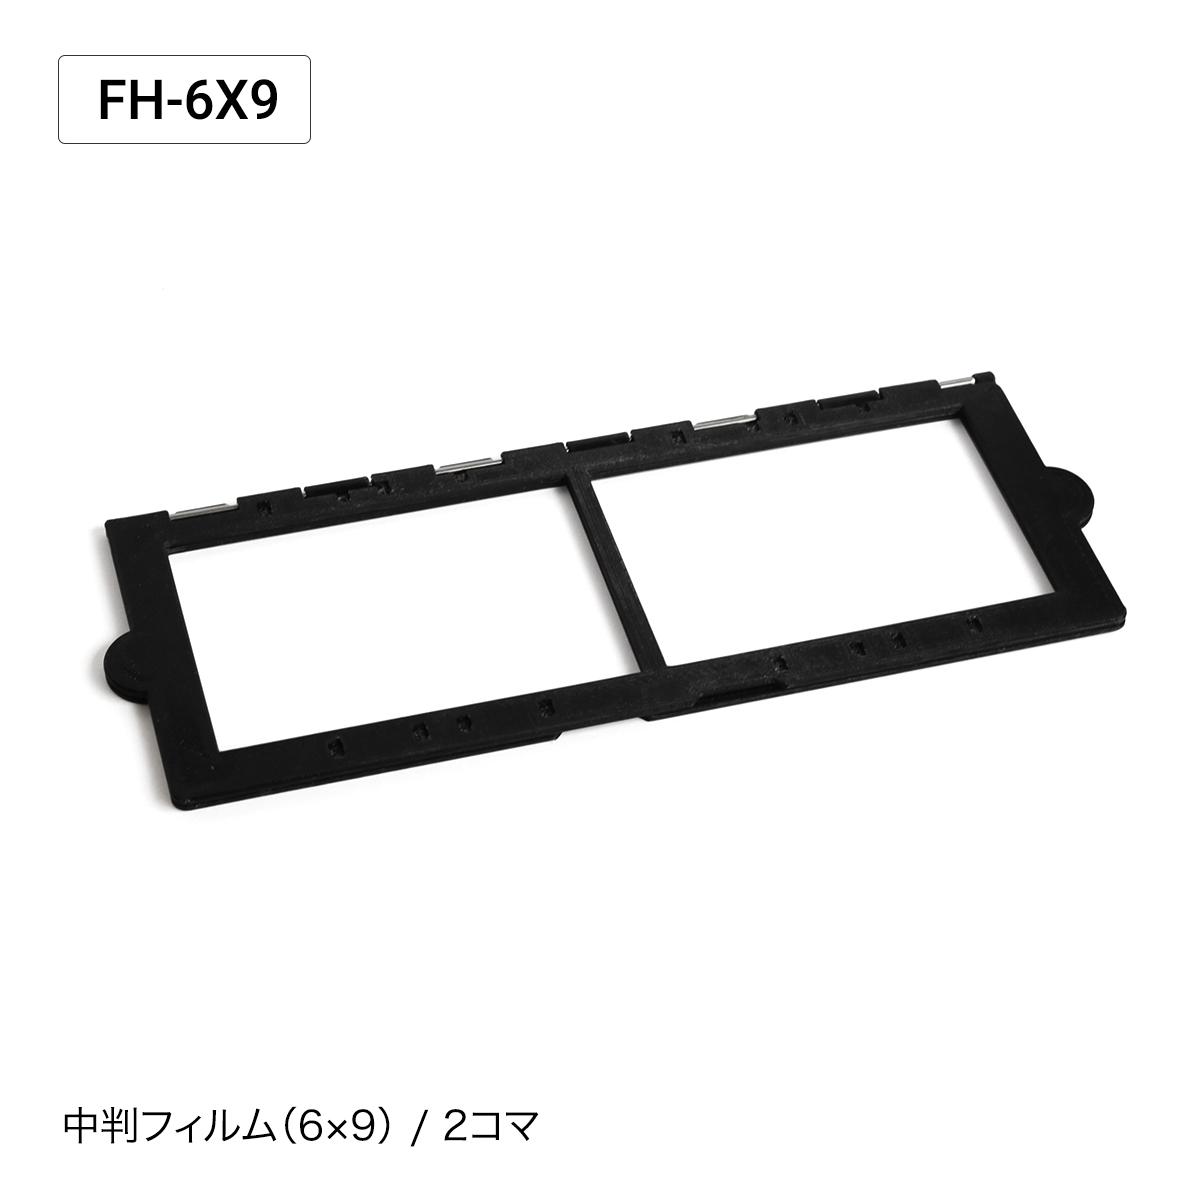 Camflix フィルムデジタイズアダプター FDA-120M / FDA-120L 専用ホルダー(中判フィルム用)